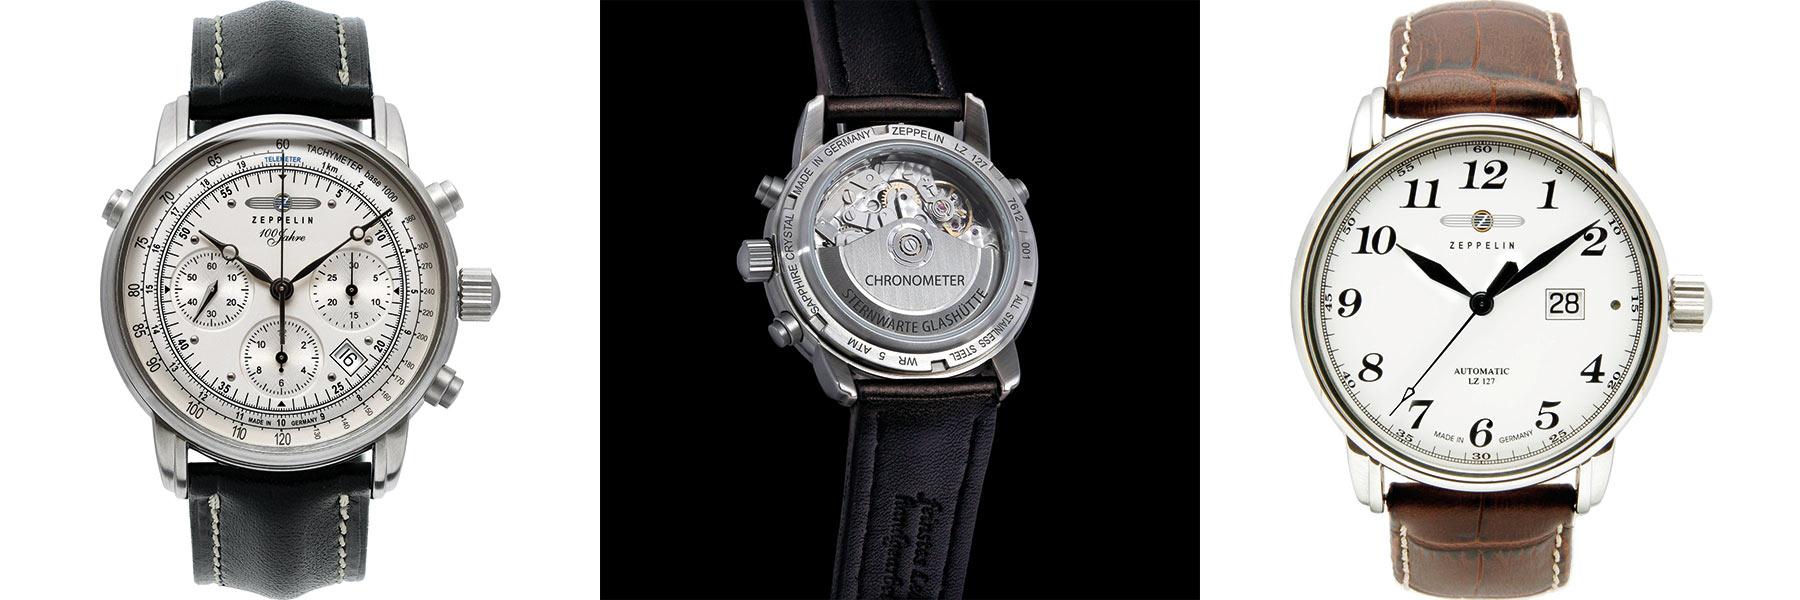 Zeppelin Chronometer Modelle | Juwelier Hilgers Essen